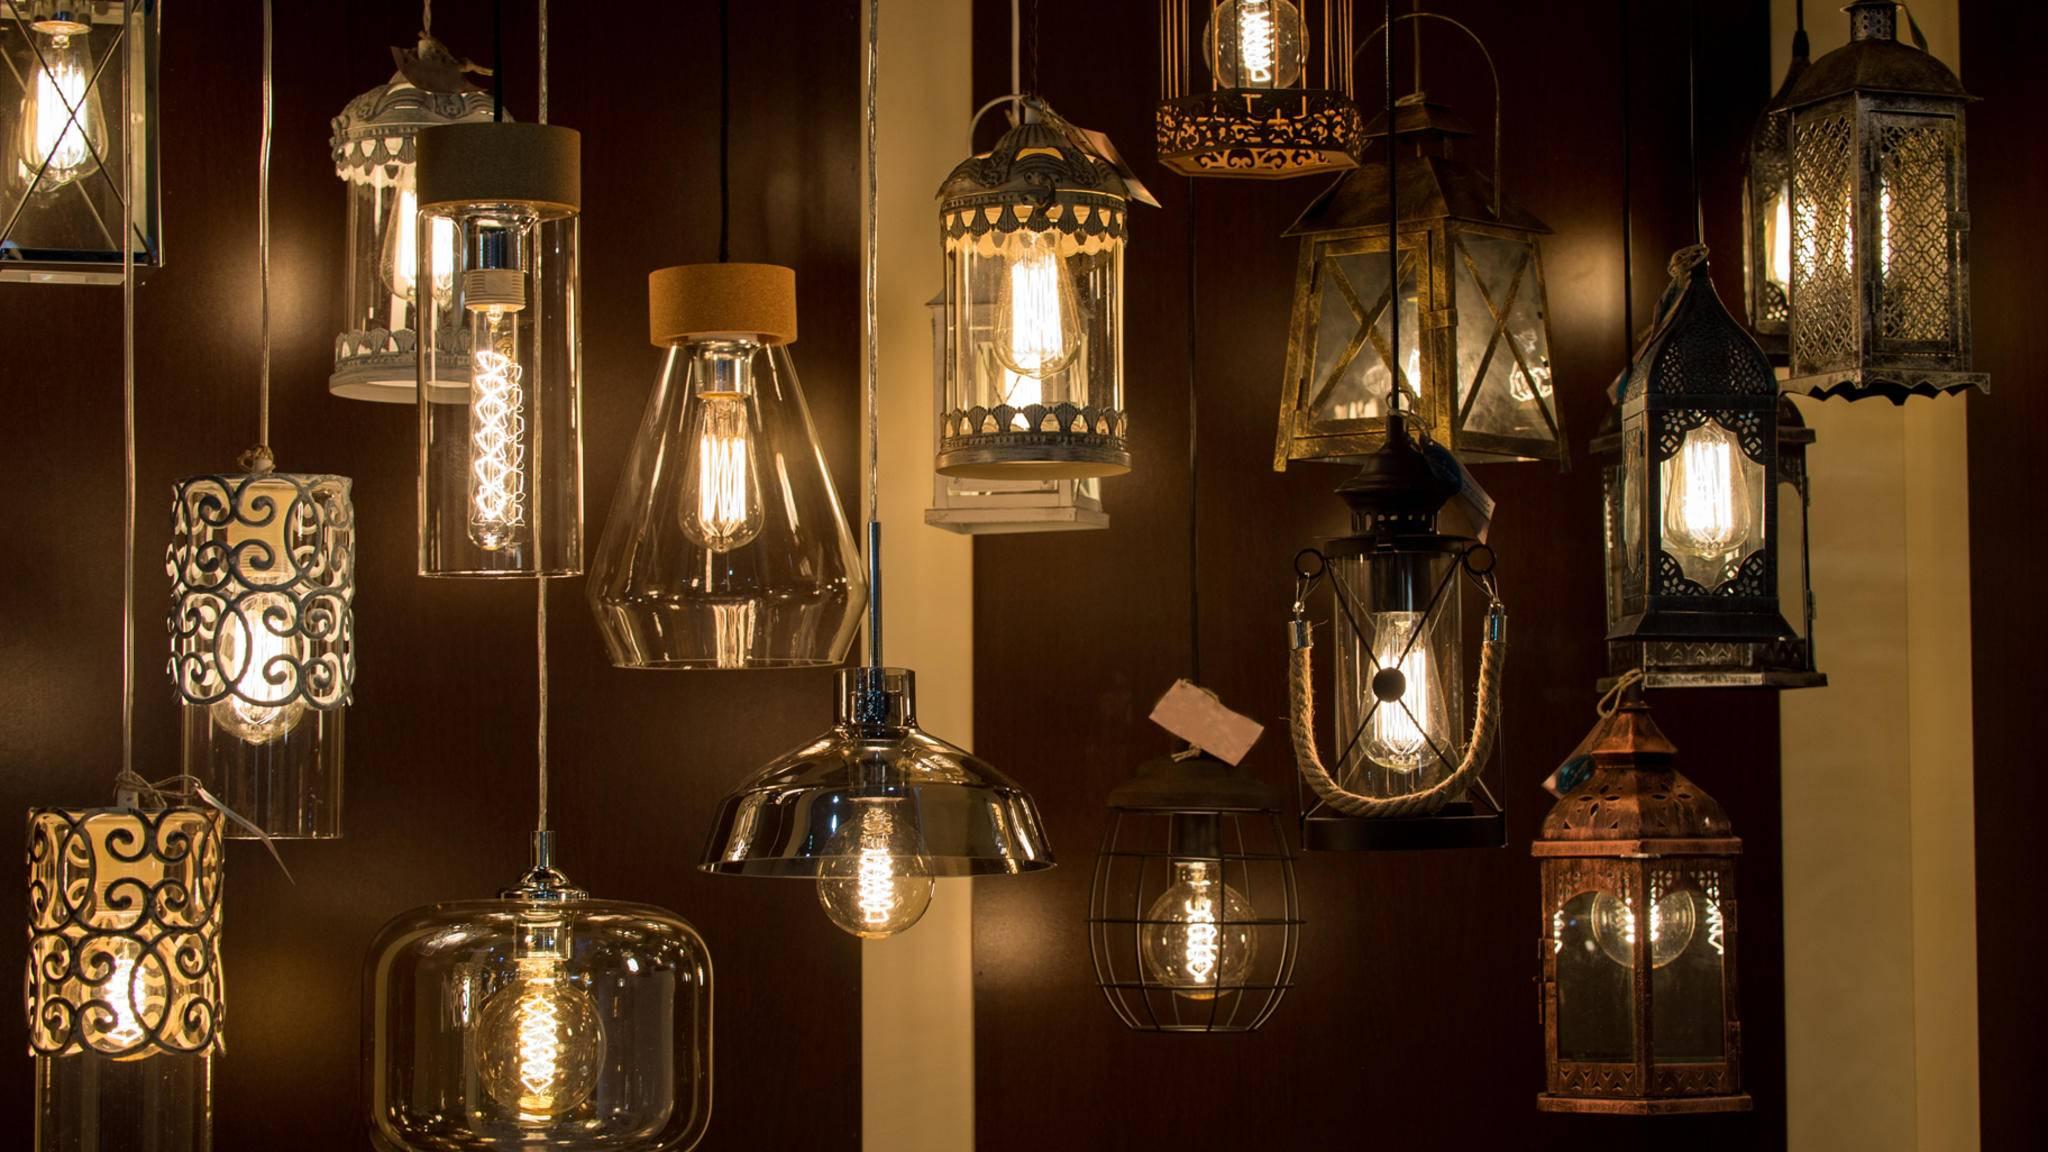 Dekorative Lampen können auch Marke Eigenbau sein.